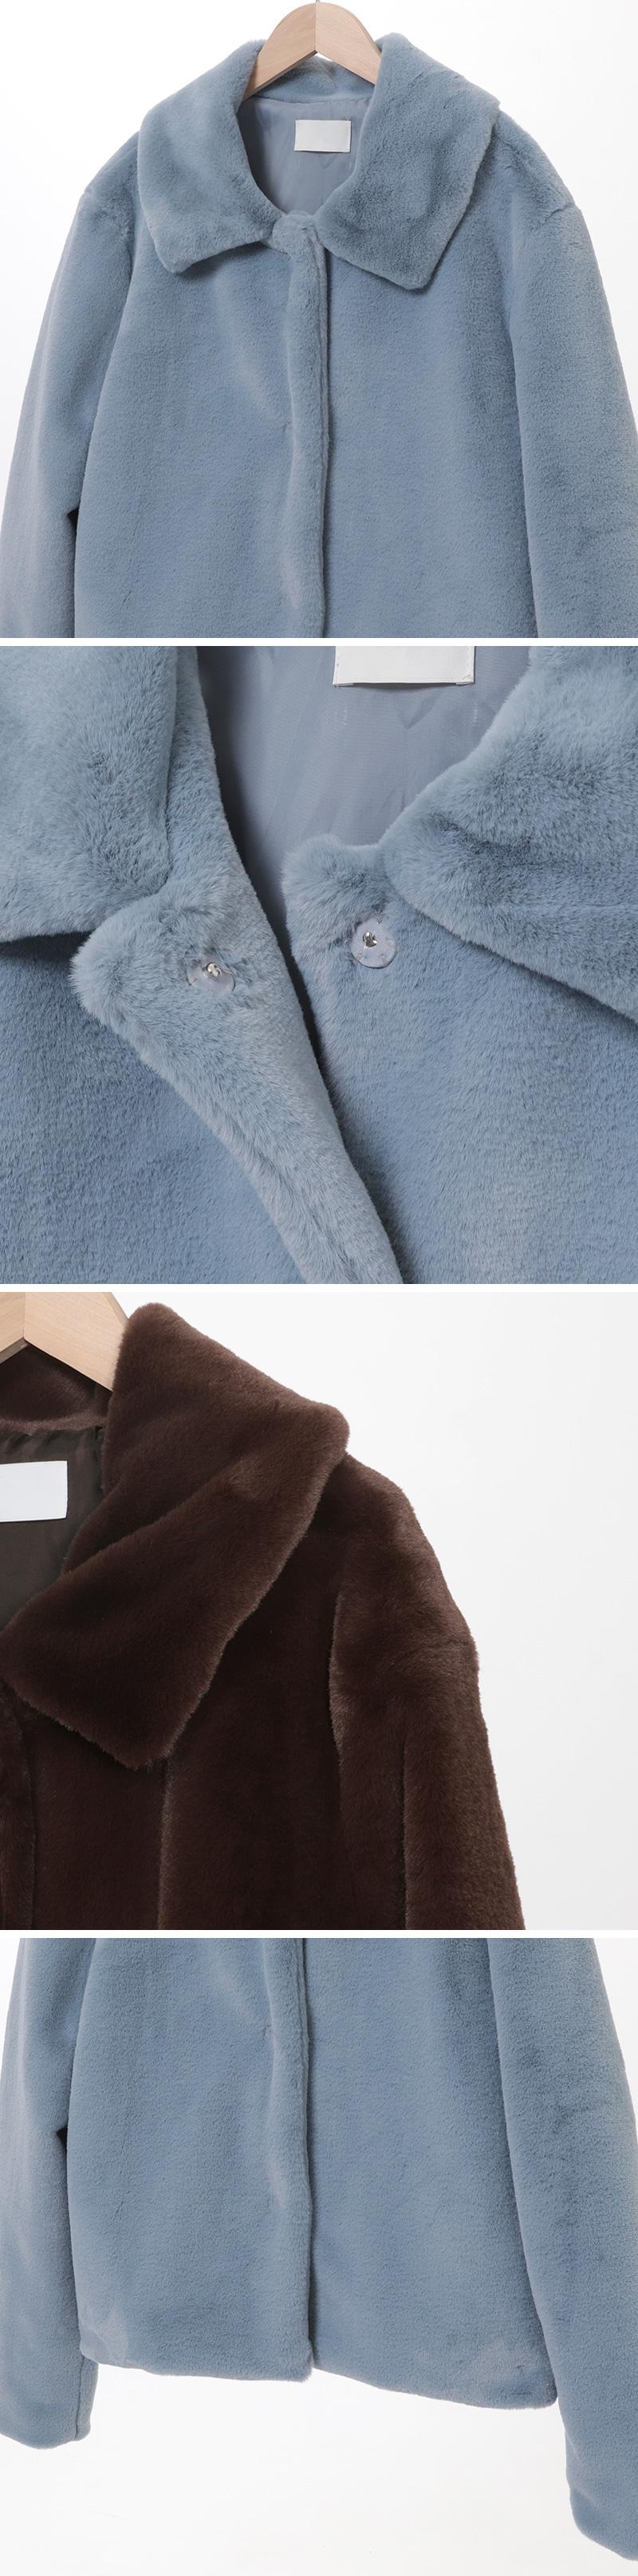 Mercy Mink Fur Jacket